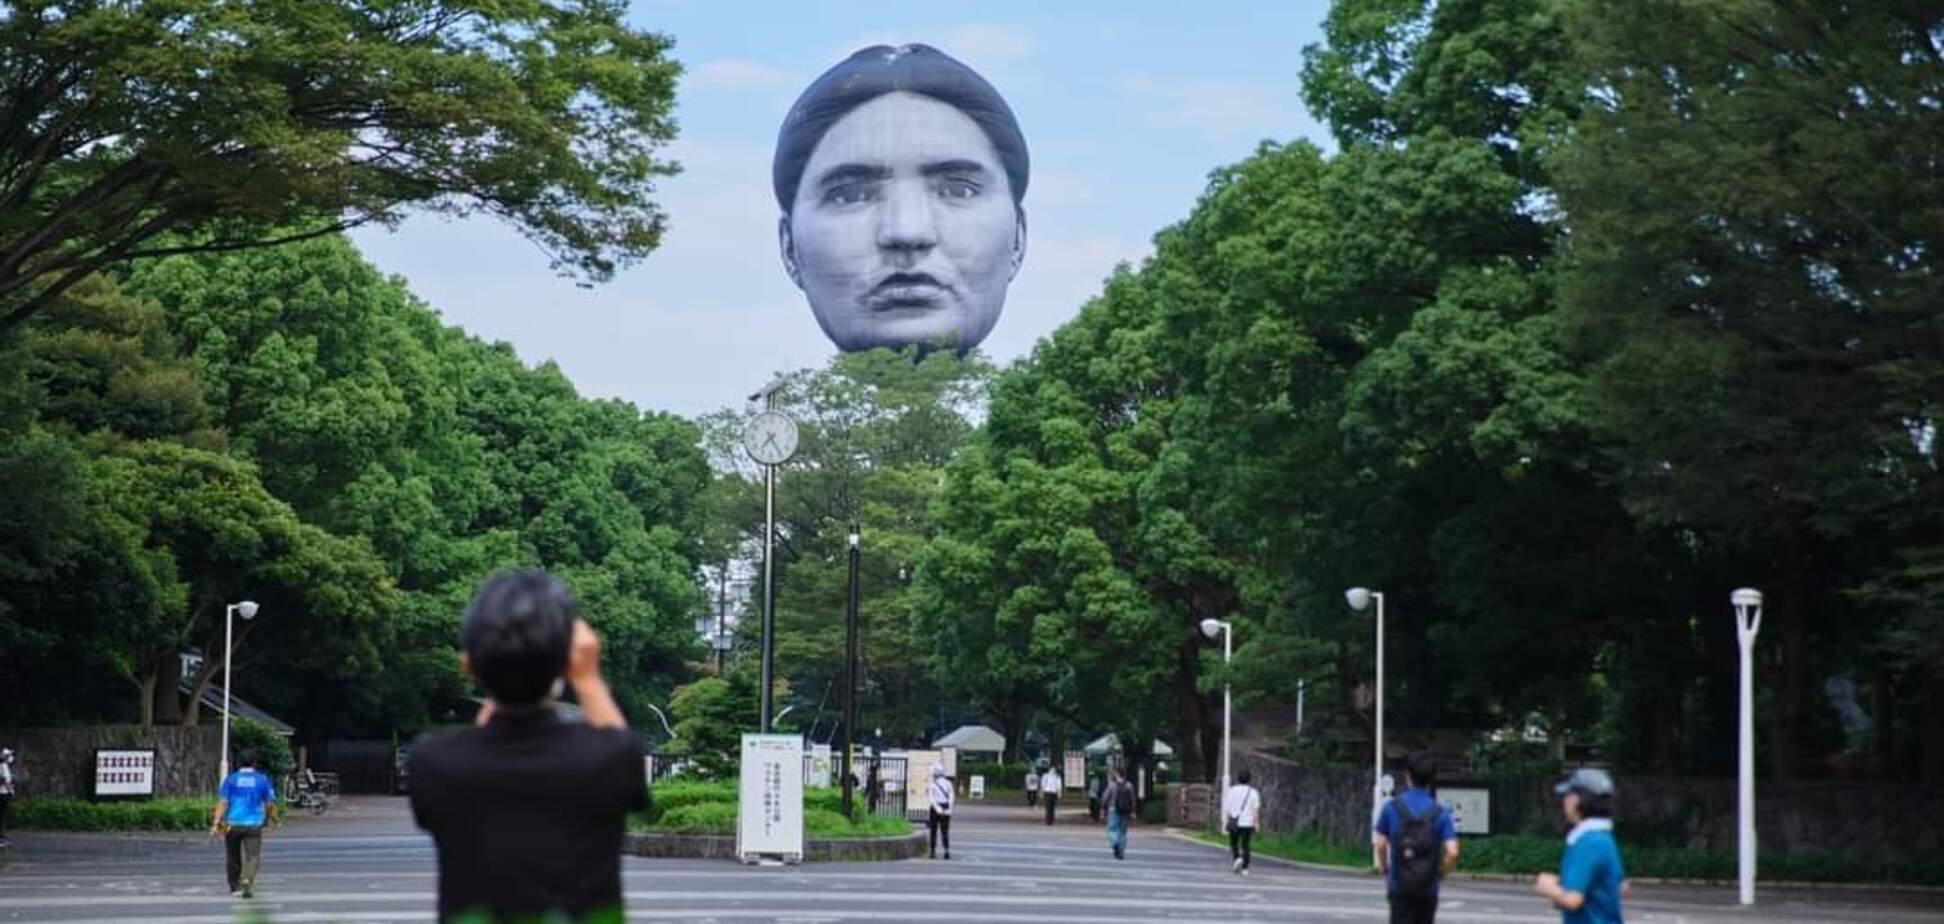 Японців налякала гігантська голова в парку. Фото